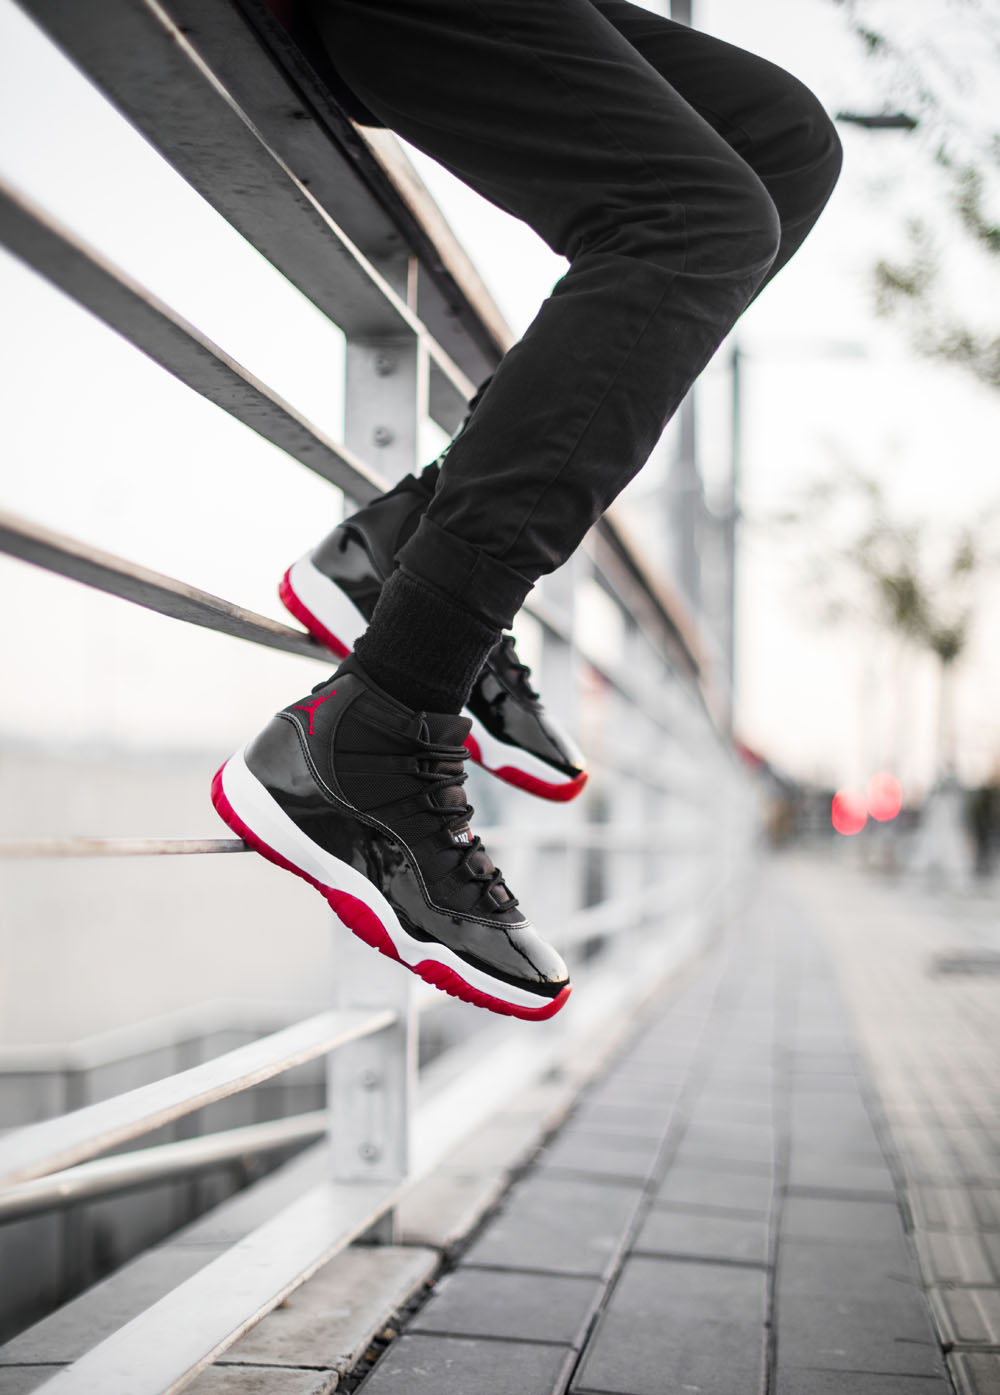 AJ11,Air Jordan 11,  黑红 Air Jordan 11 货量如何?看看美国「店铺地图」就知道了...